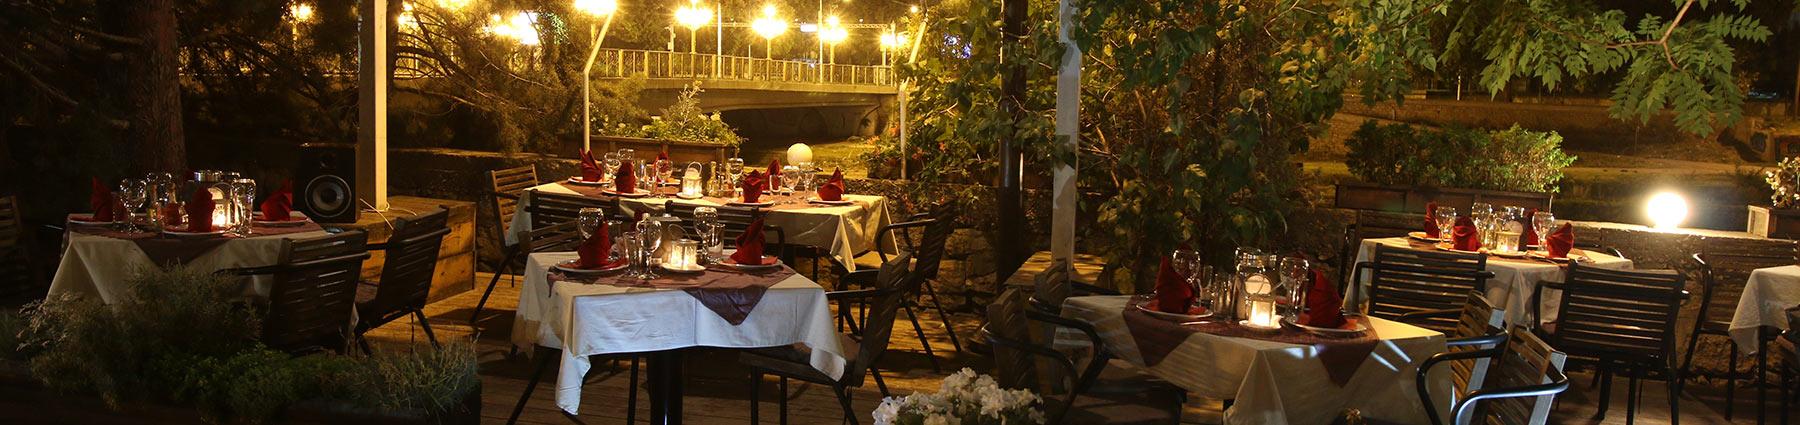 Restaurant Kej